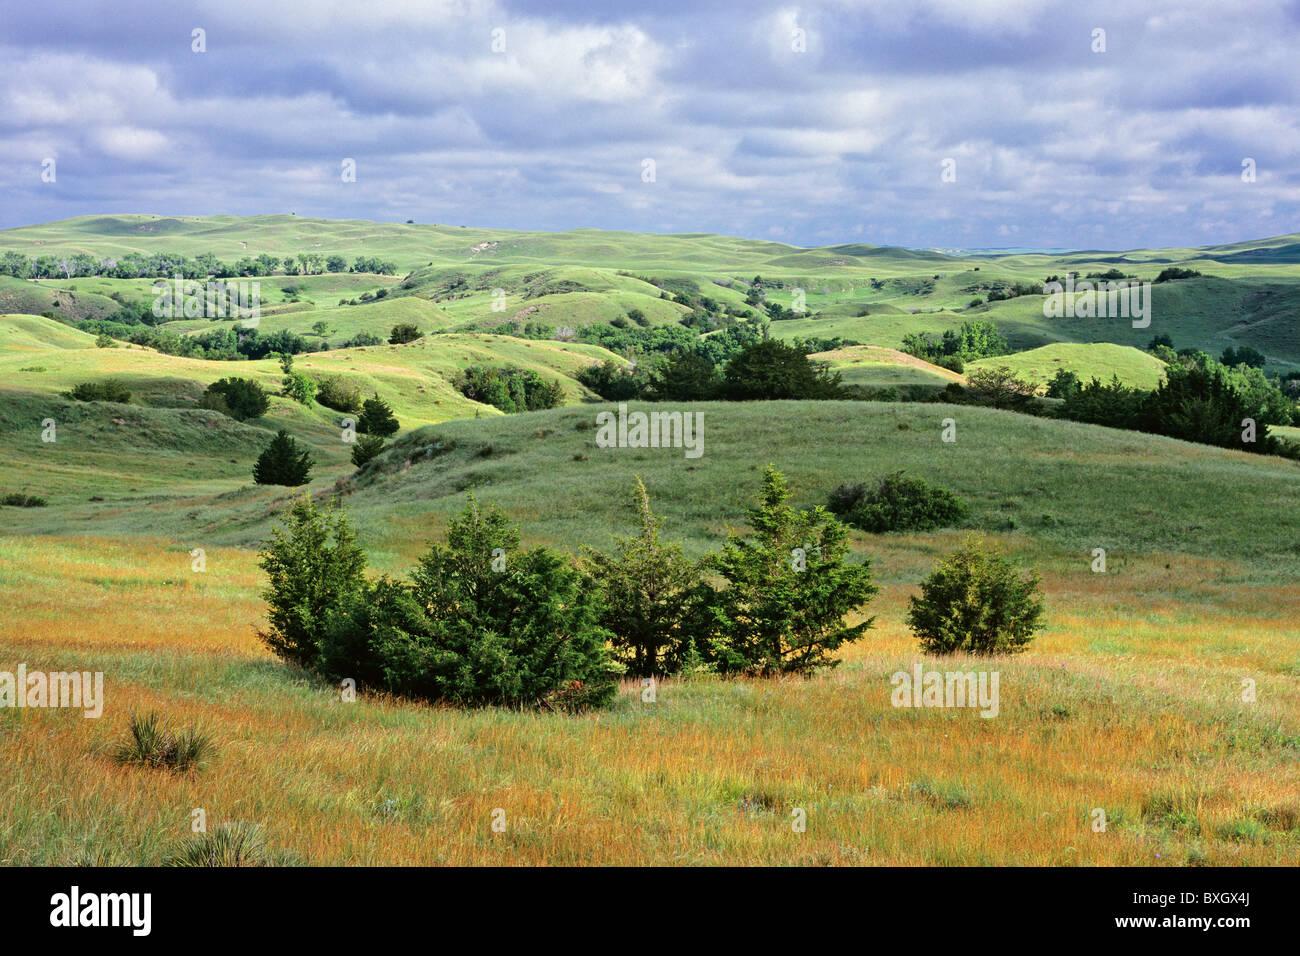 The Sandhills in early morning light, Hooker County, Nebraska, USA - Stock Image